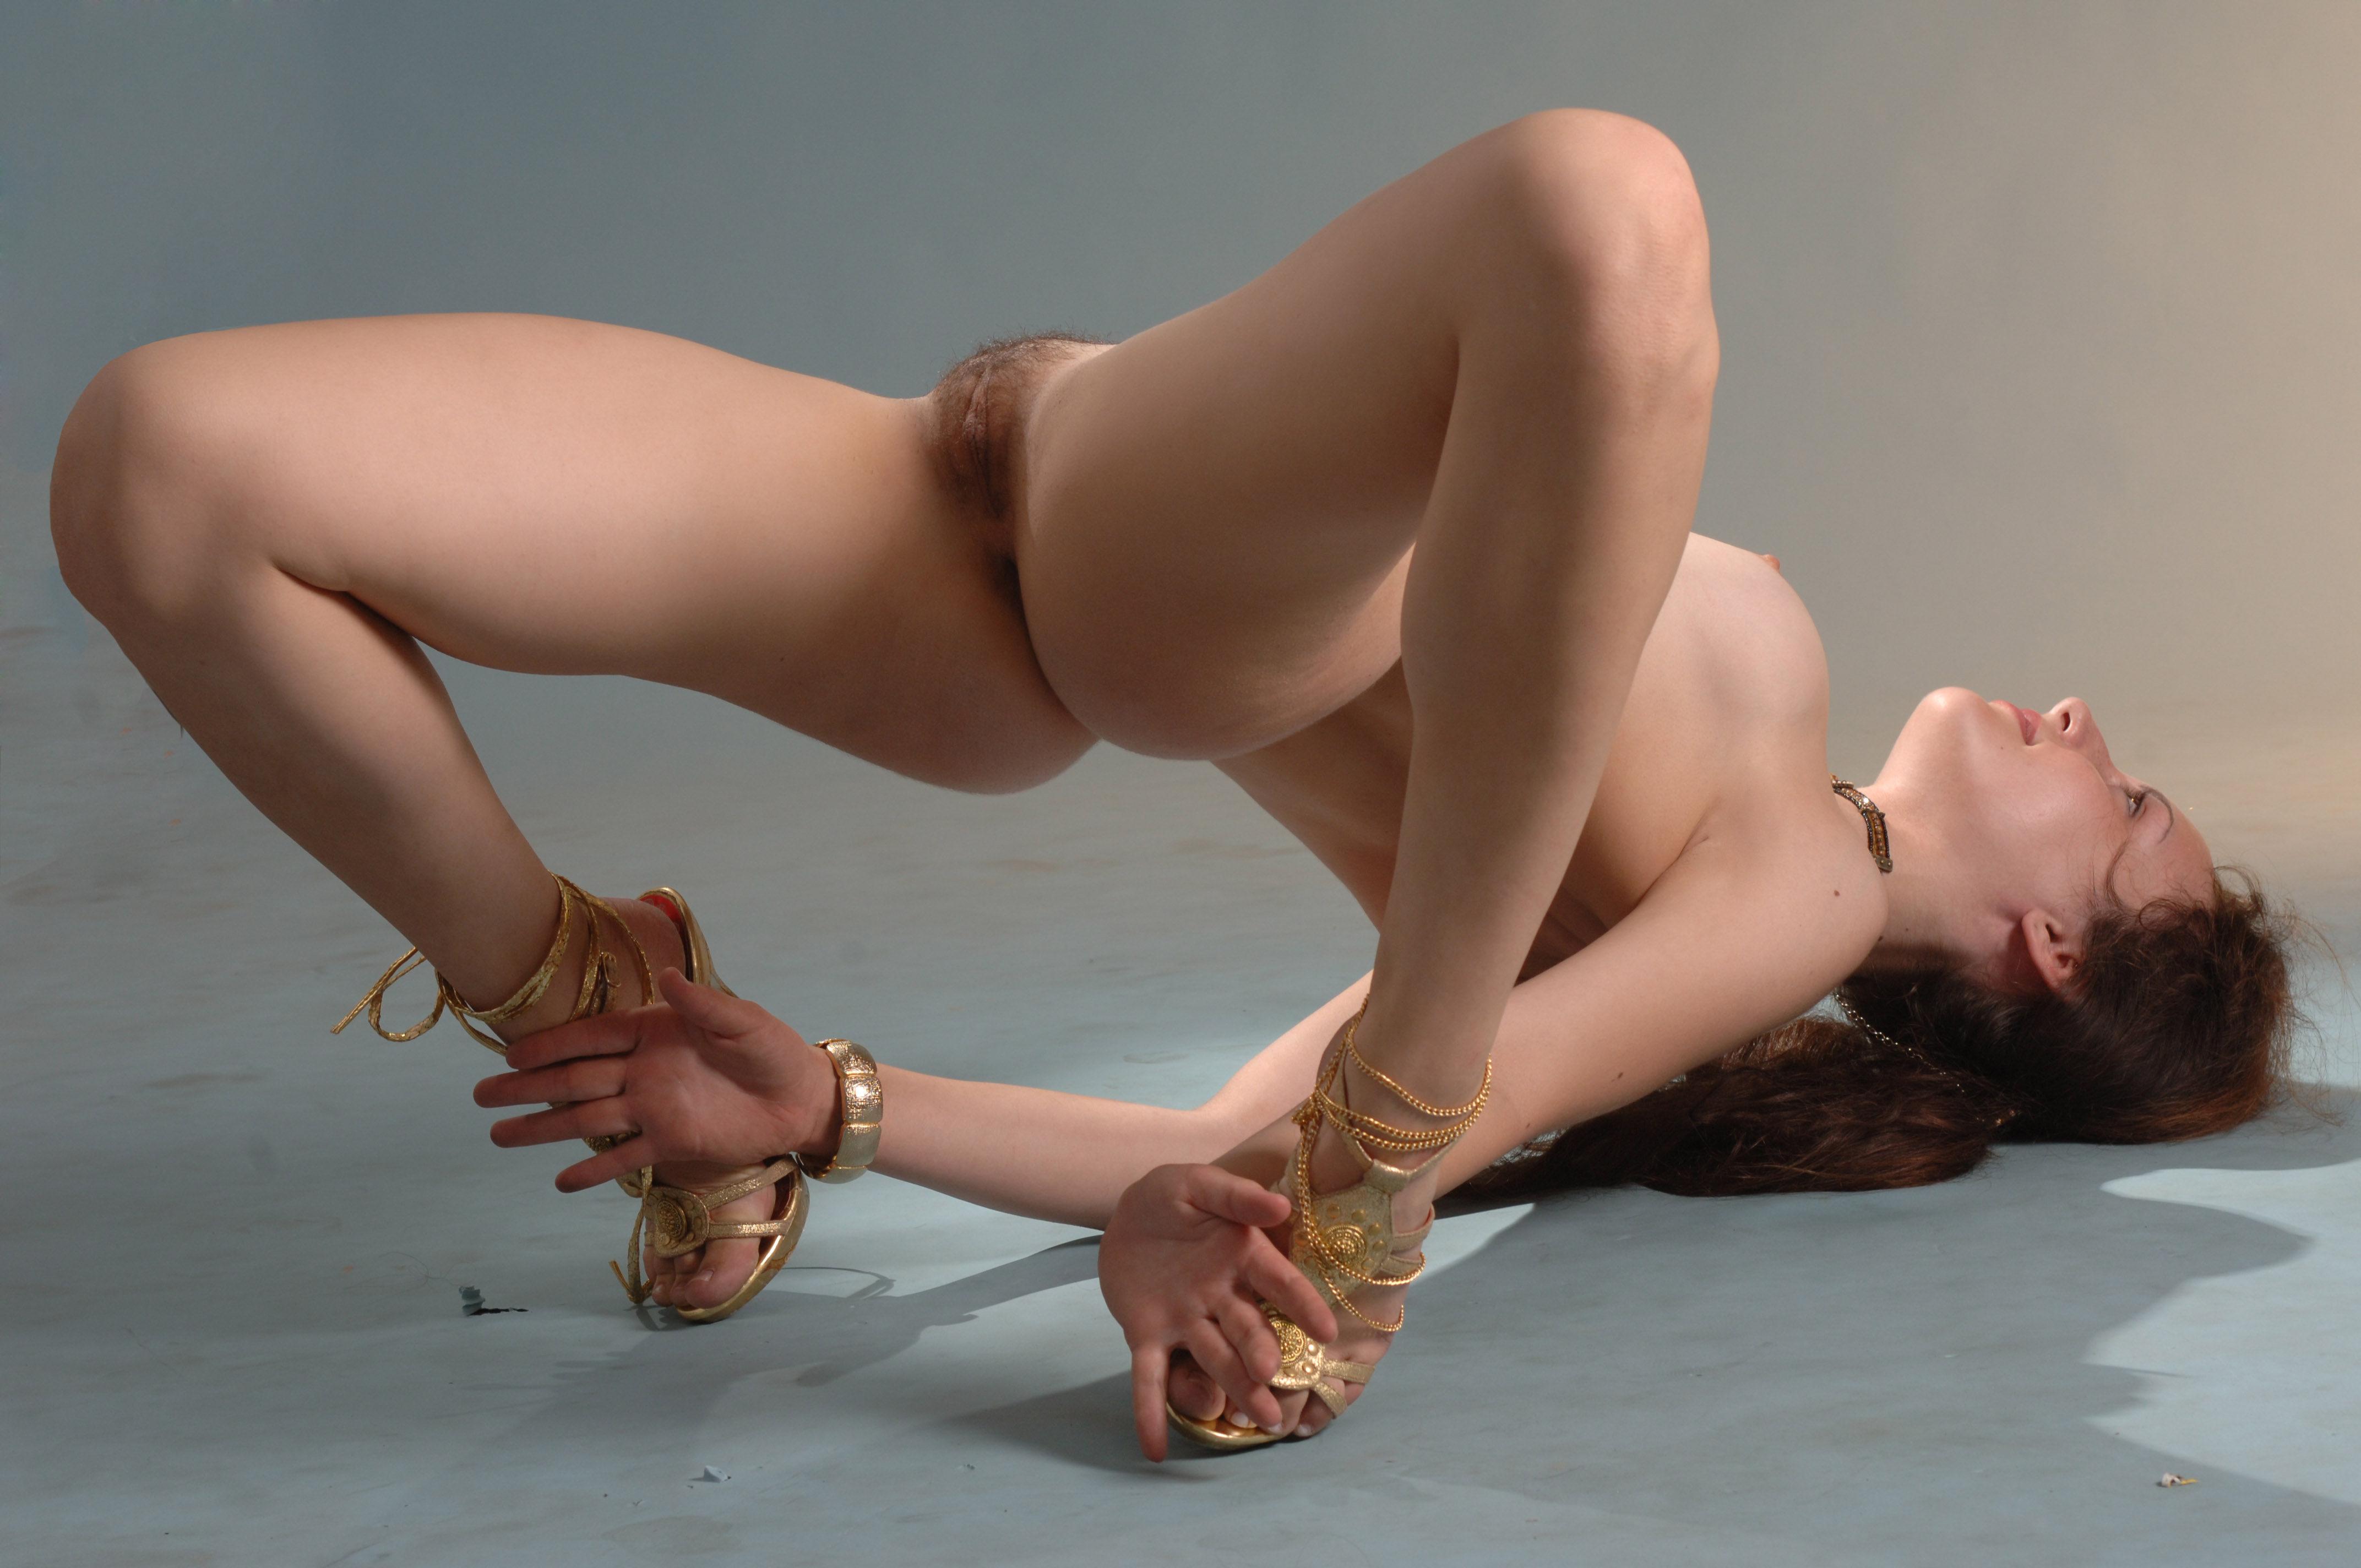 Шикарной гимнастки крупным планом эро фото